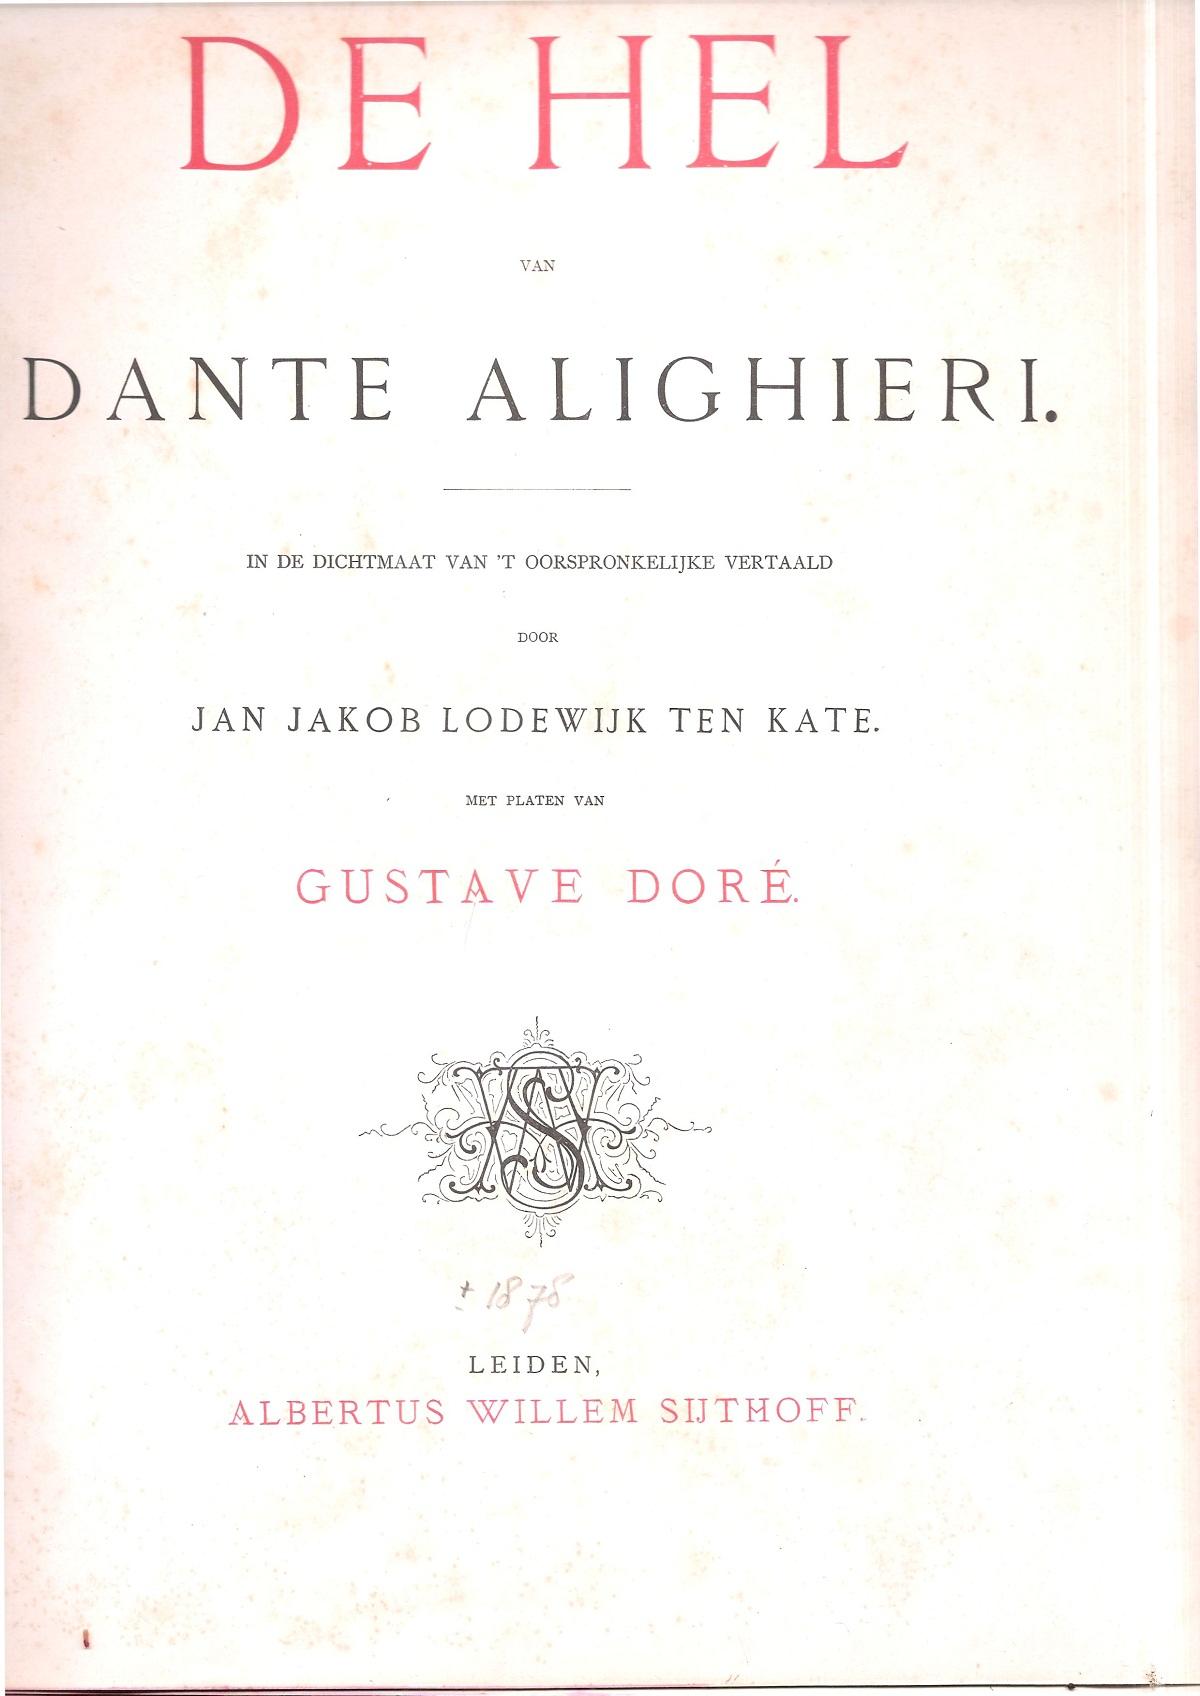 Ten Kate – 1876